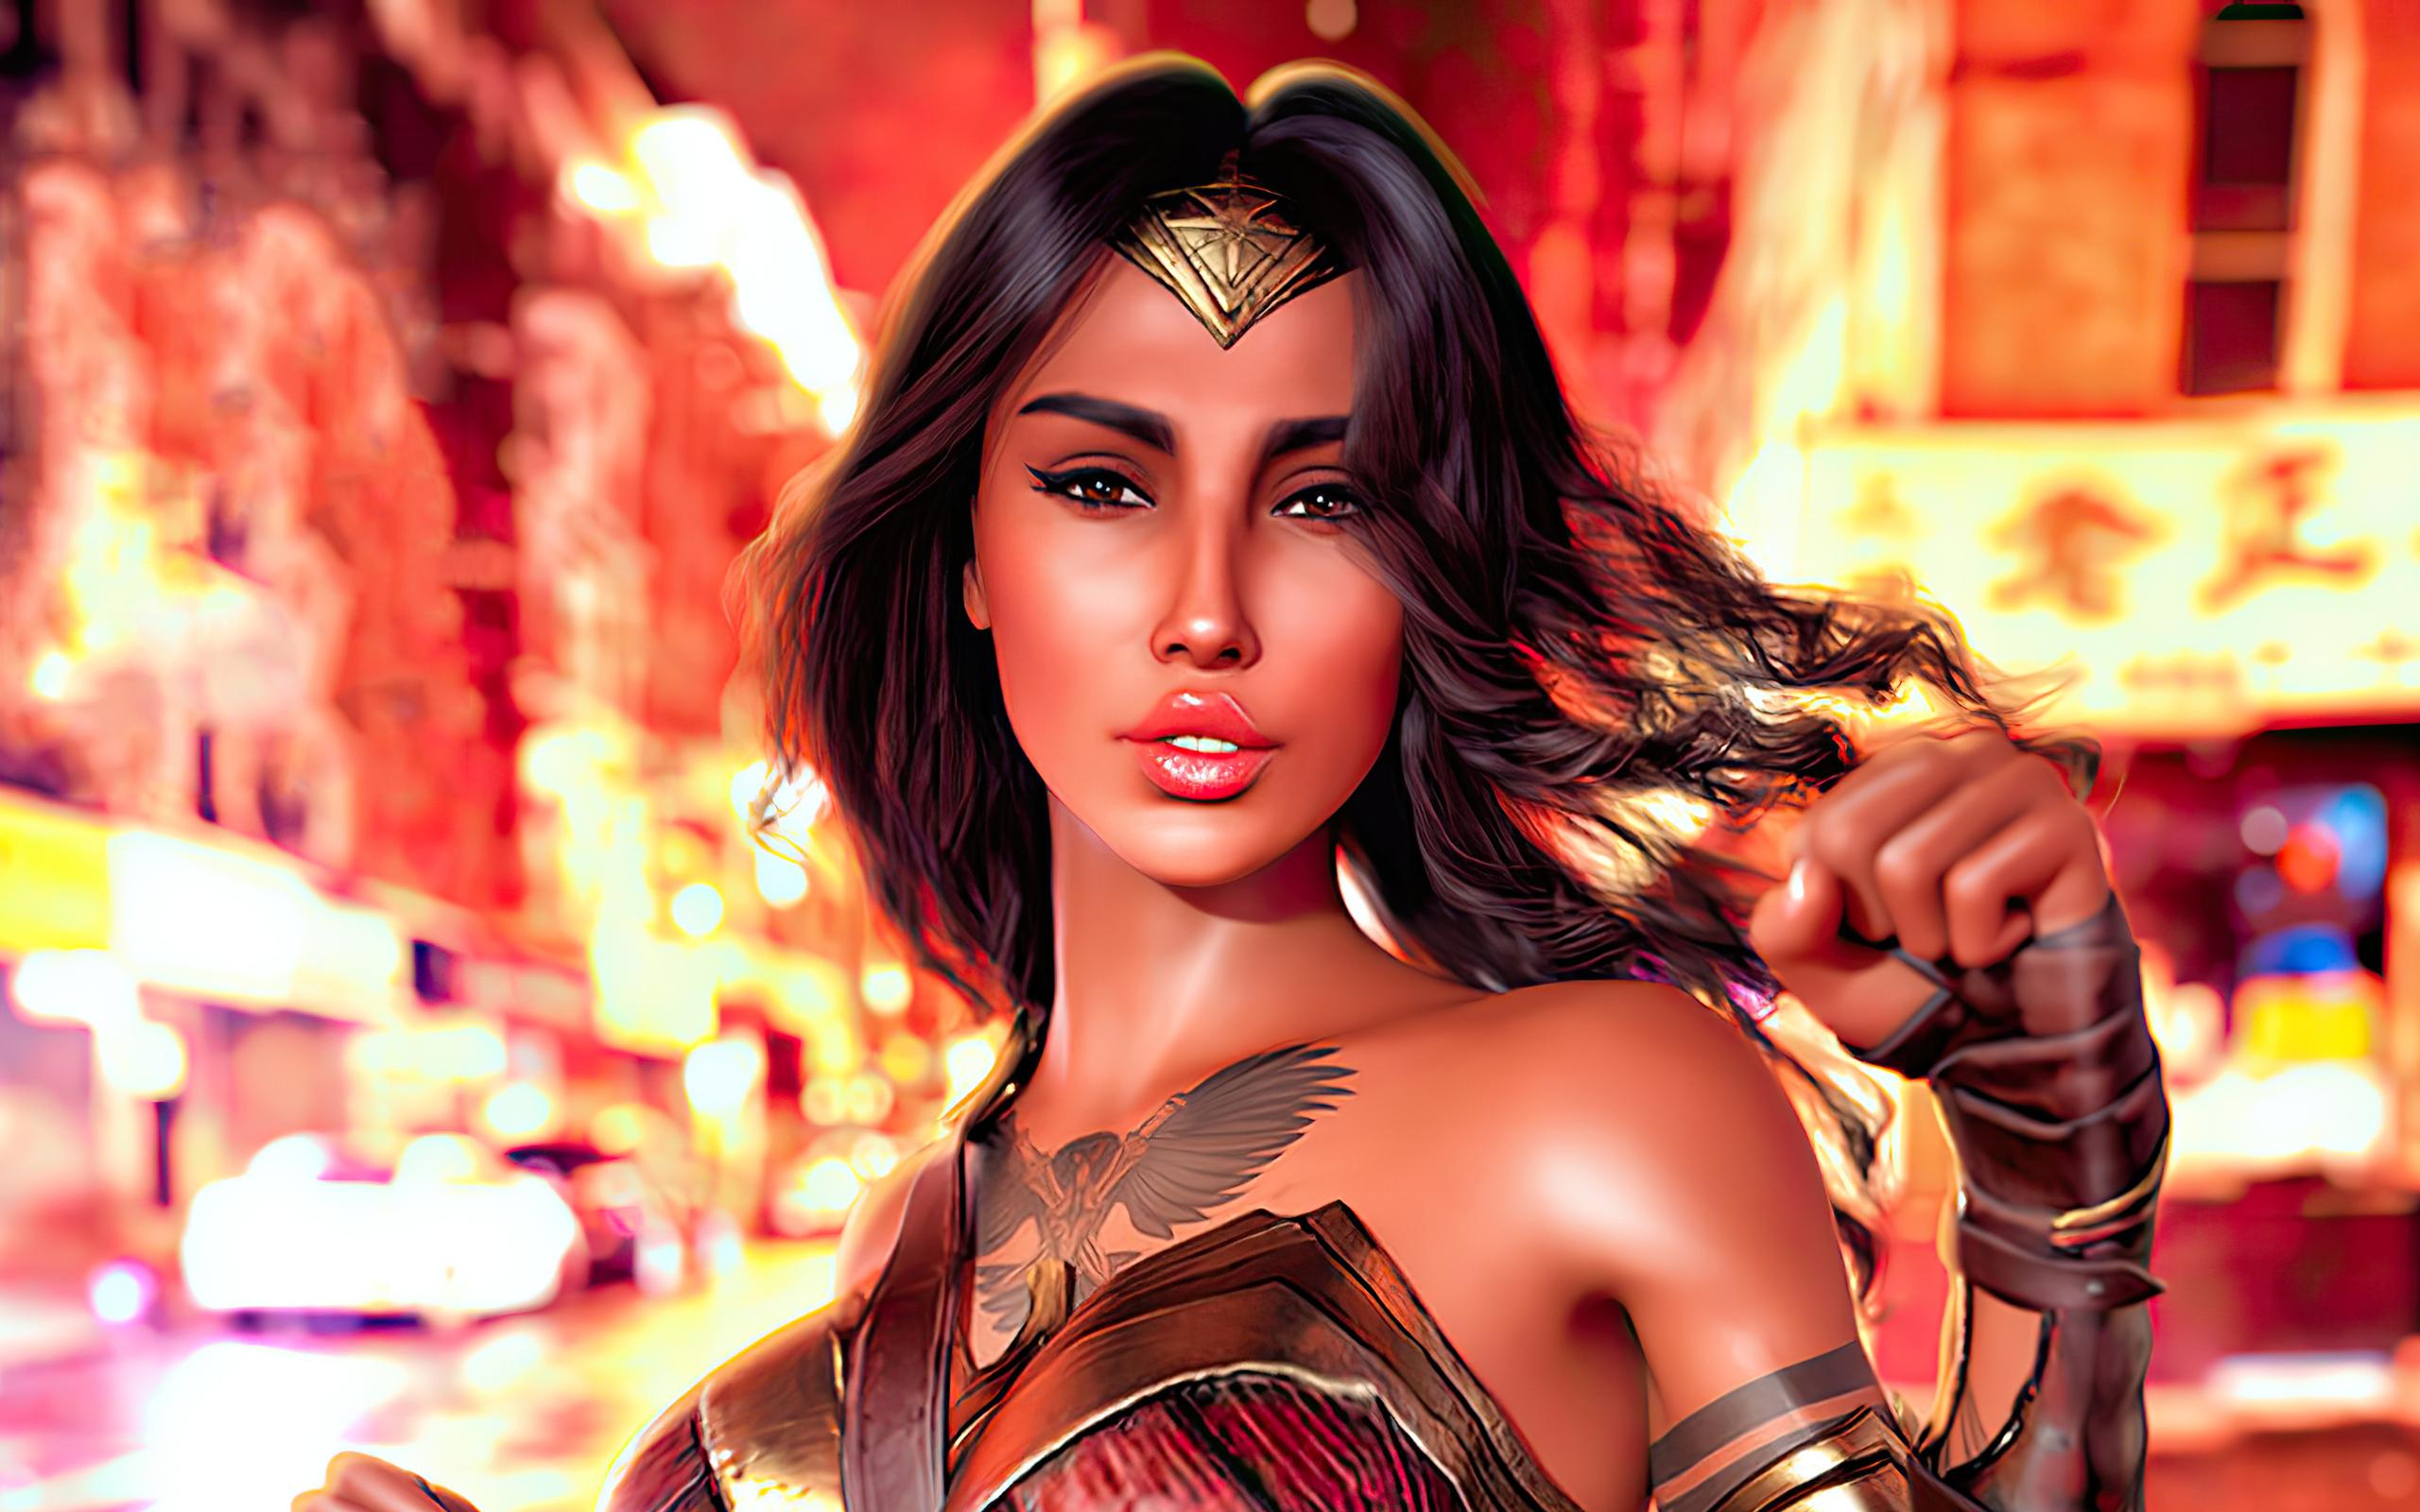 wonder-woman-cosplay-girl-oh.jpg